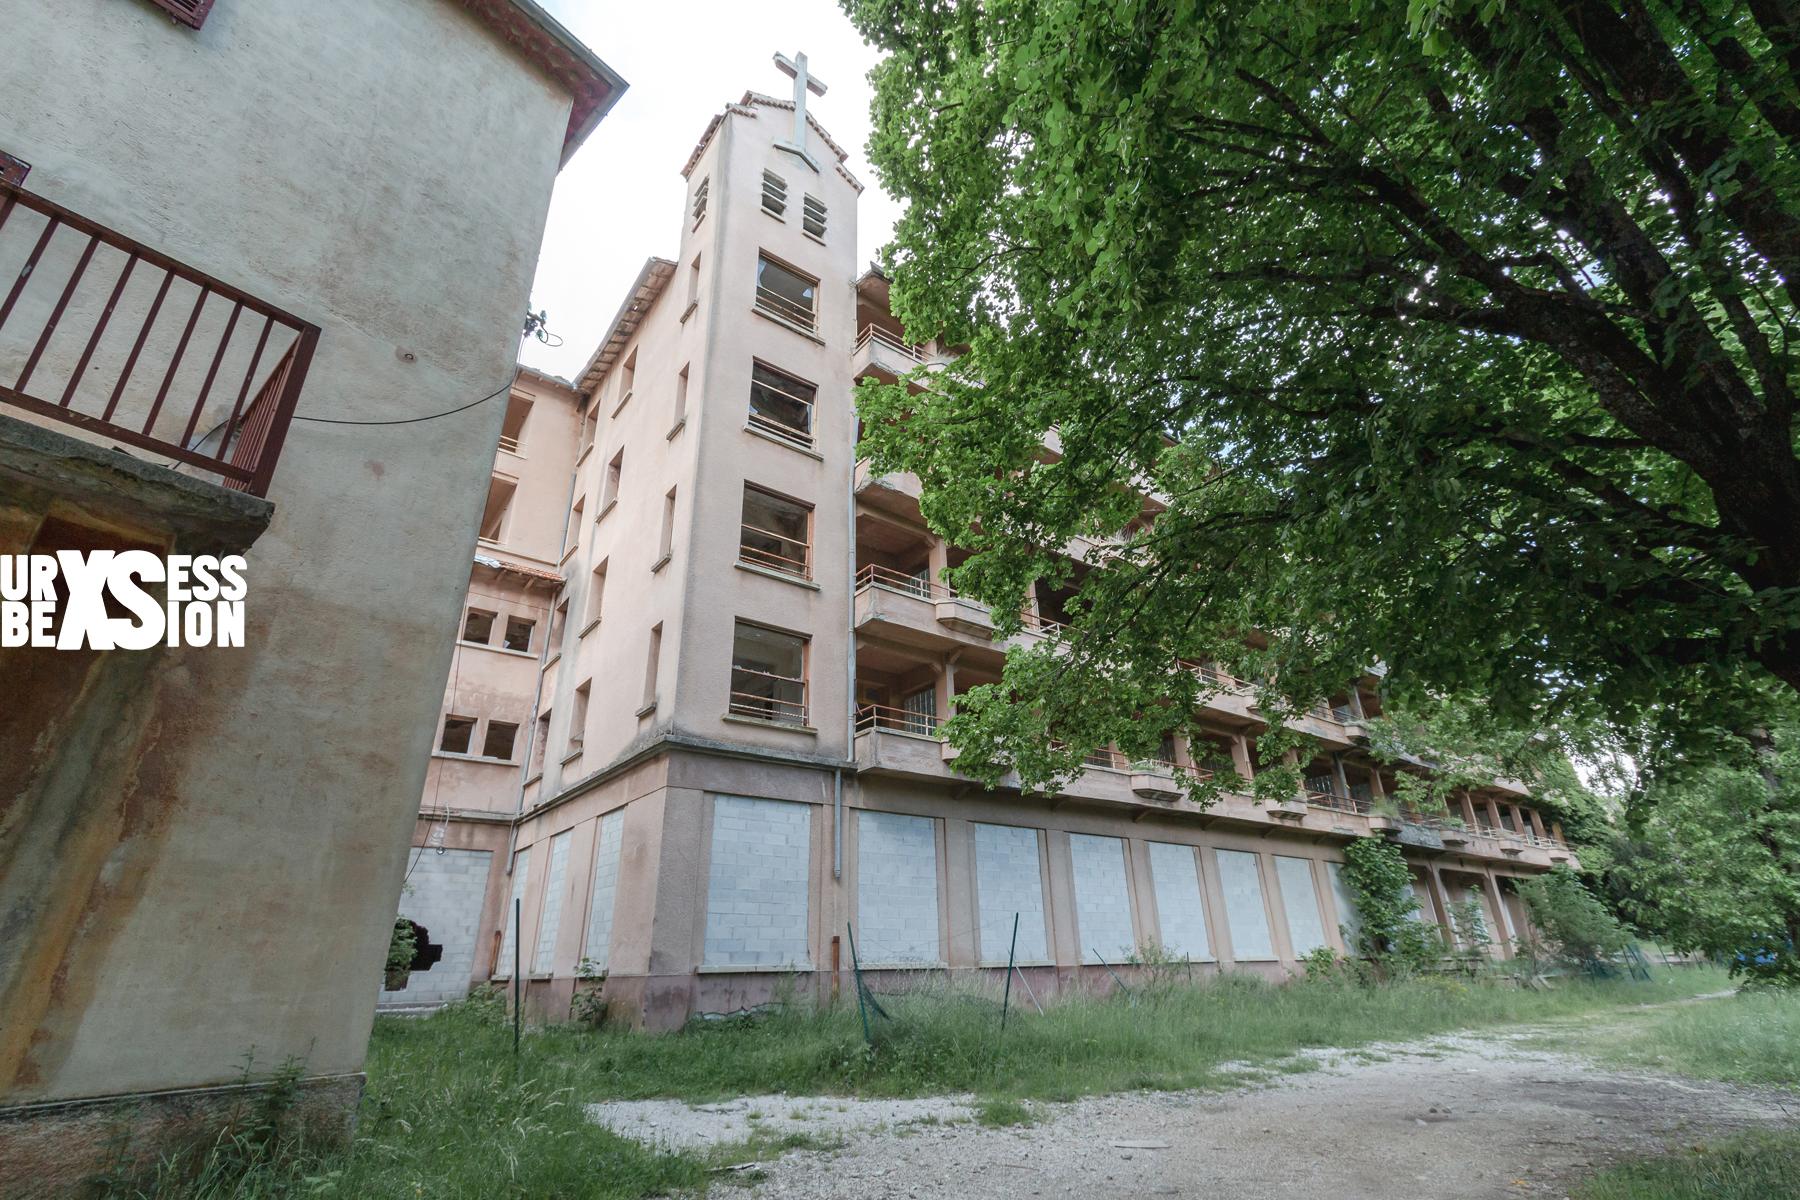 Hôpital abandonné en Côte d'Azur